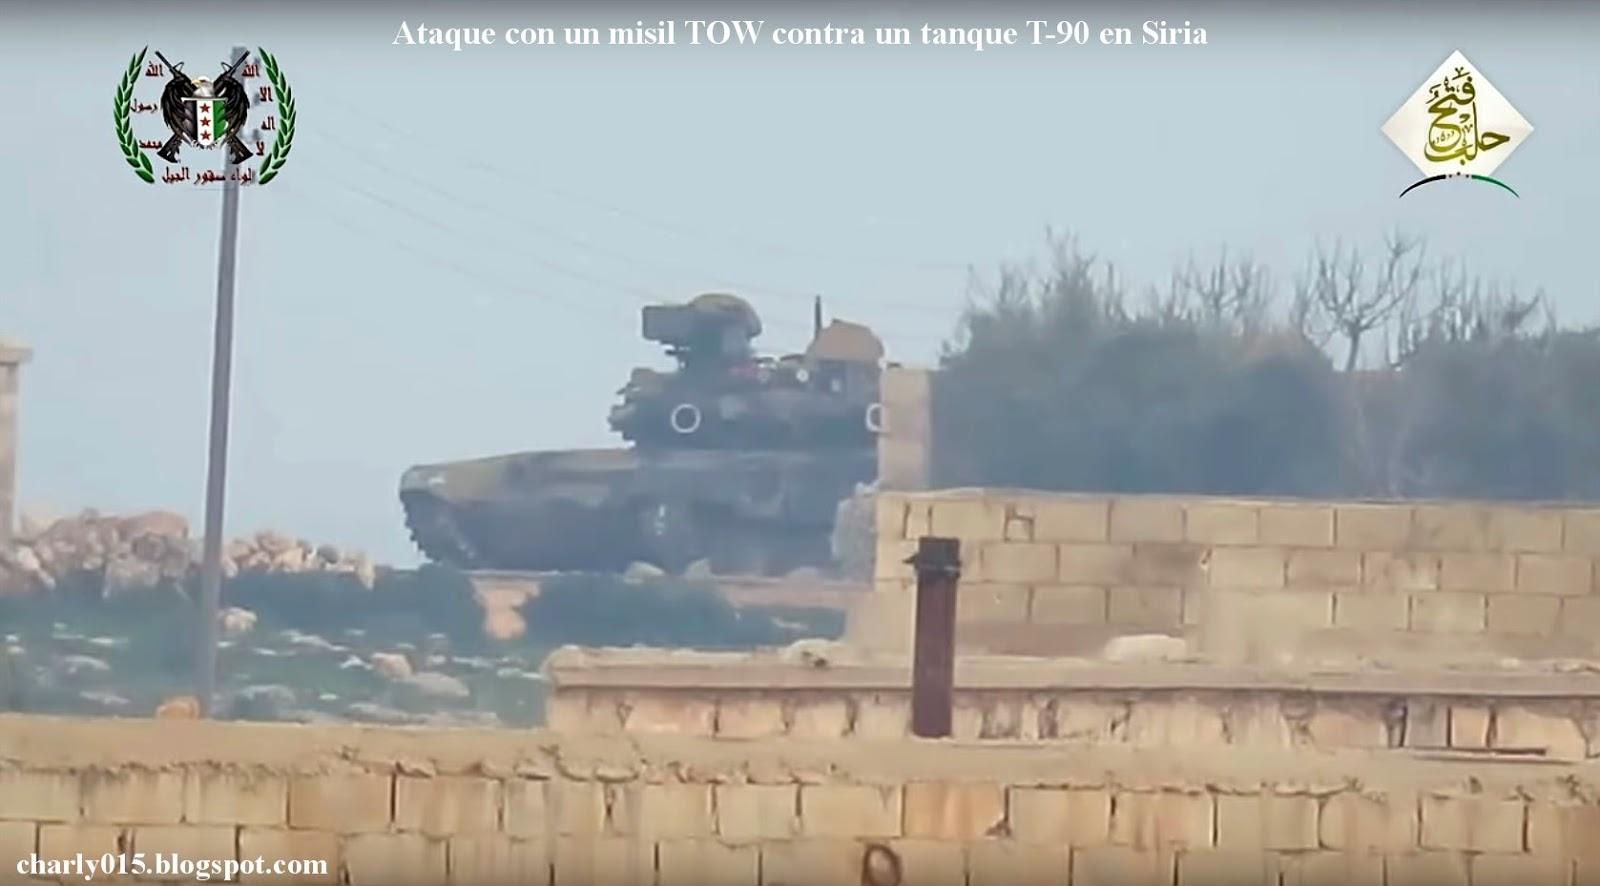 siria%2Bt-90%2Bataque.jpg